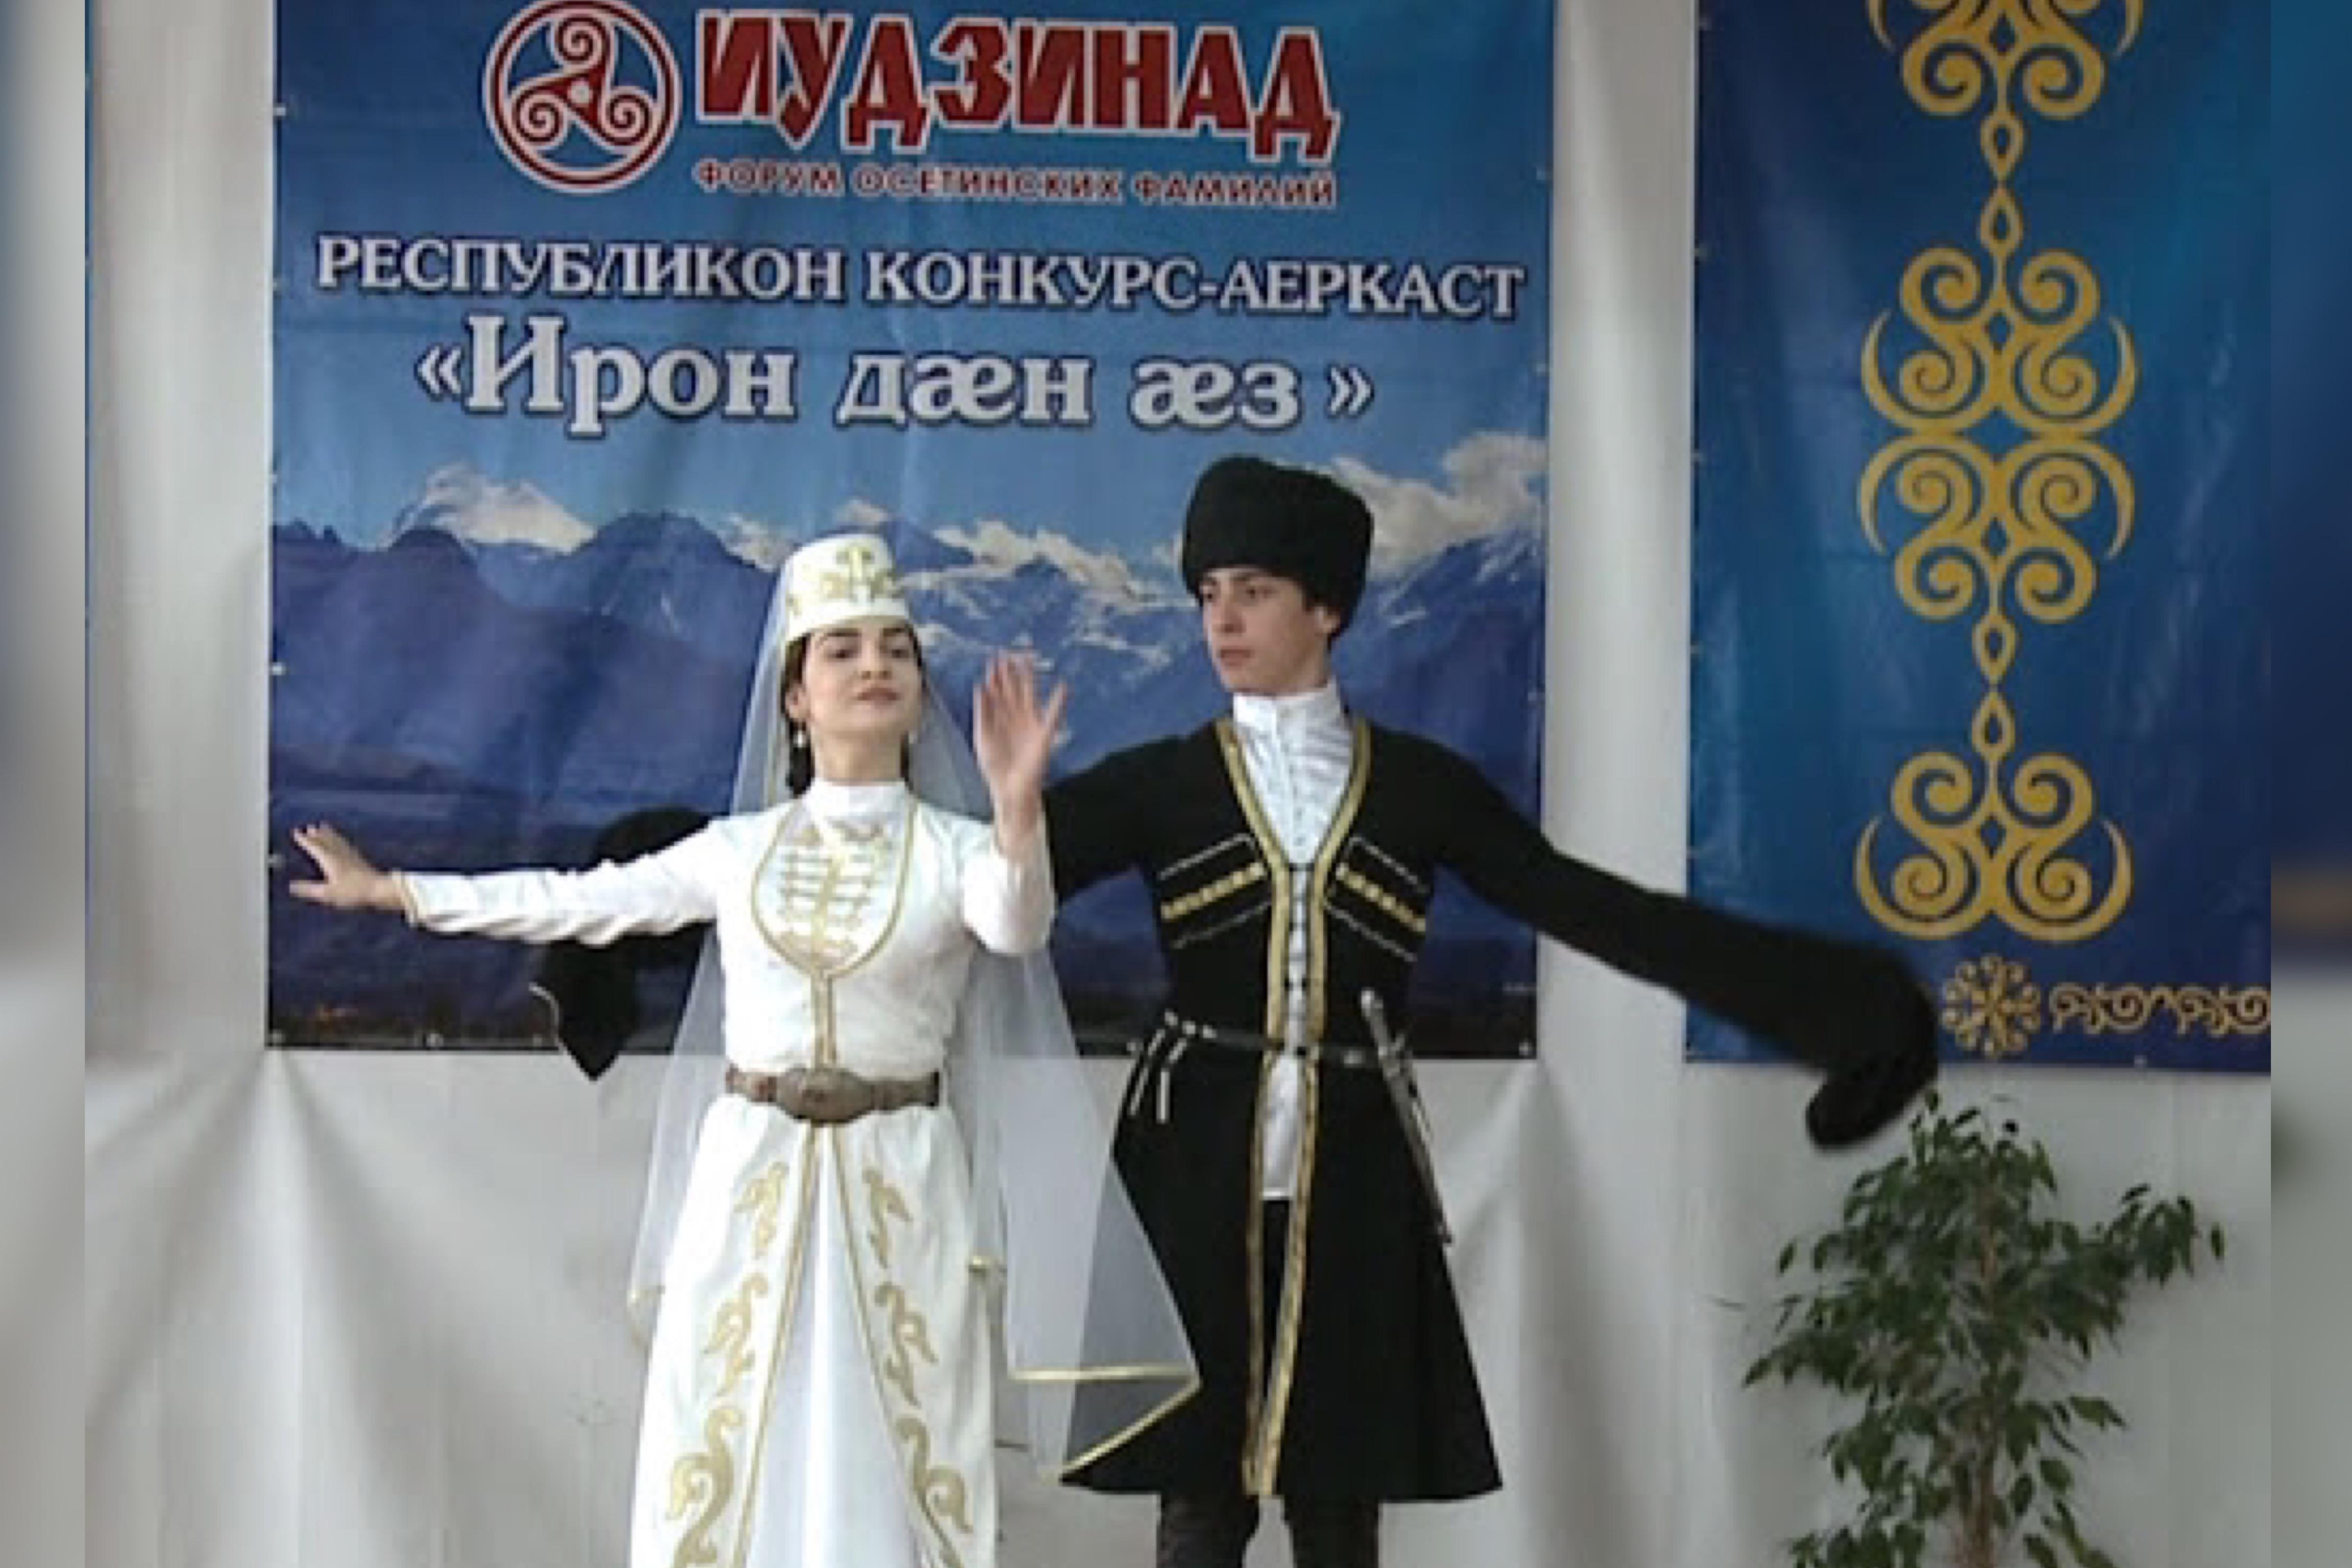 Конкурс школьников «Ирон дæн æз», который ежегодно проходит на Севере, осенью впервые проведут в Южной Осетии